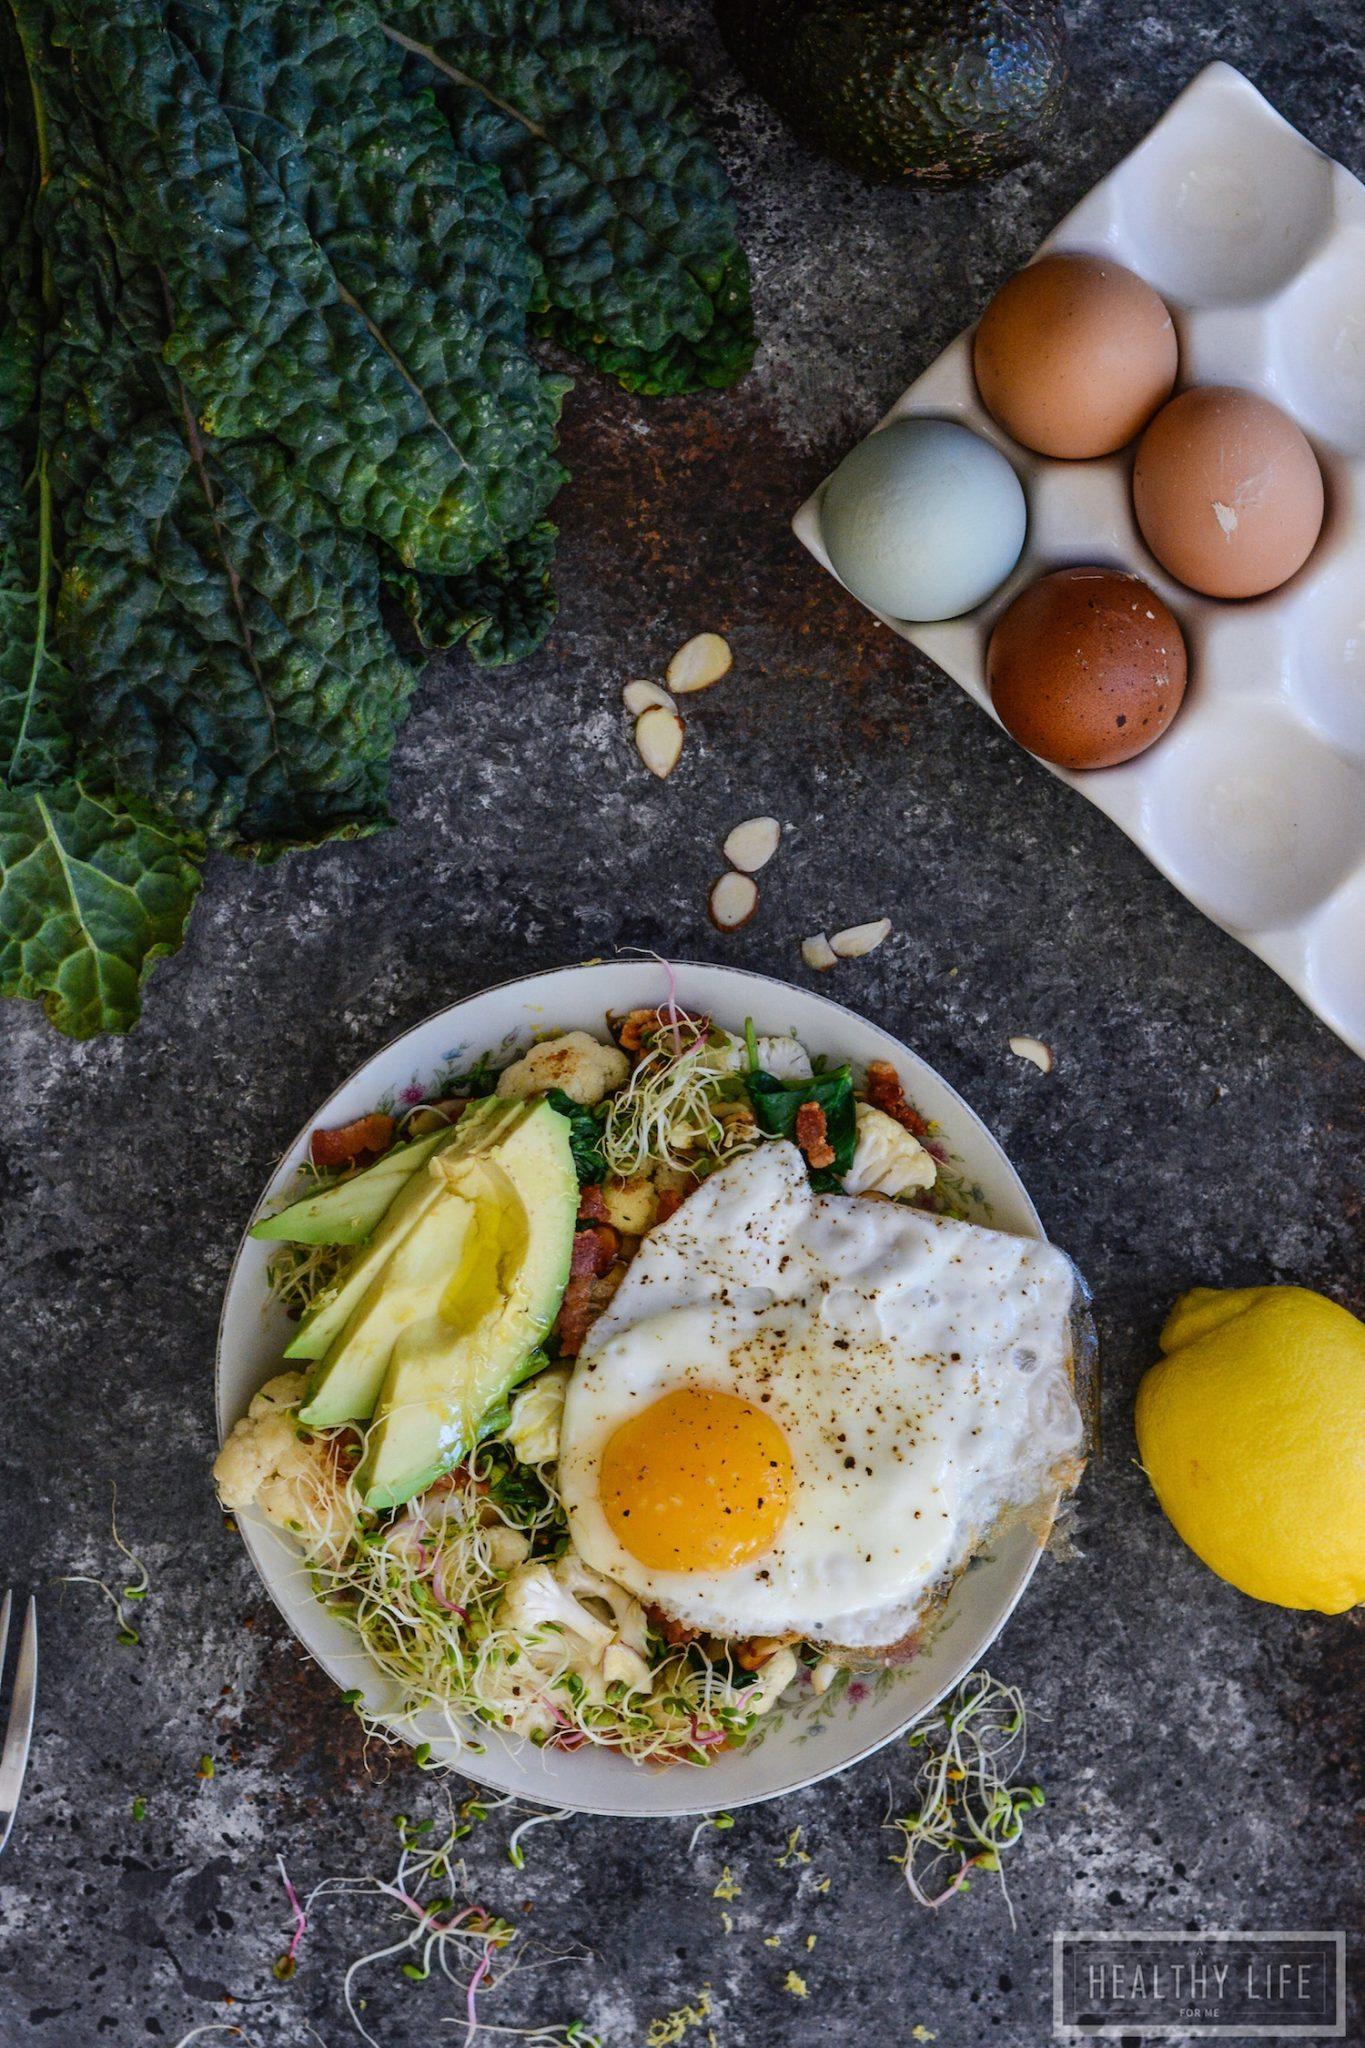 Paleo Cauliflower Avocado Egg Bowl